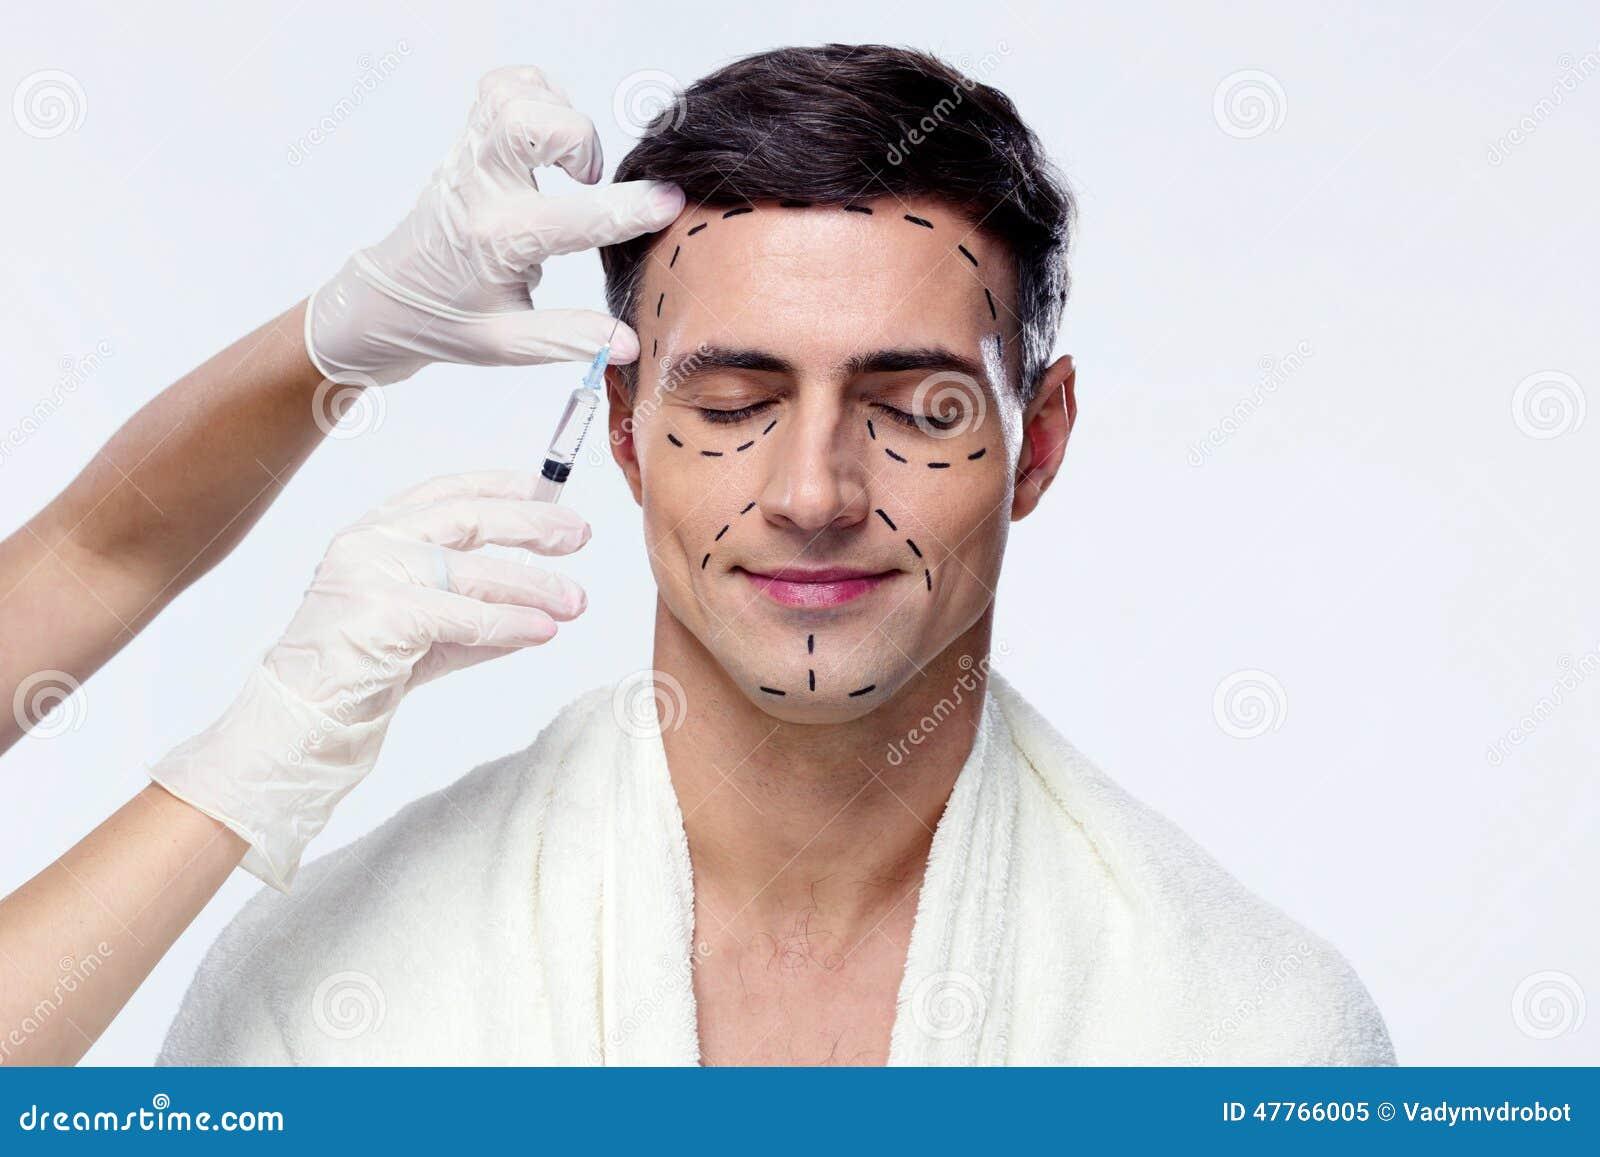 677e8c7babc07 Homem Com Os Olhos Fechados Na Cirurgia Plástica Imagem de Stock ...